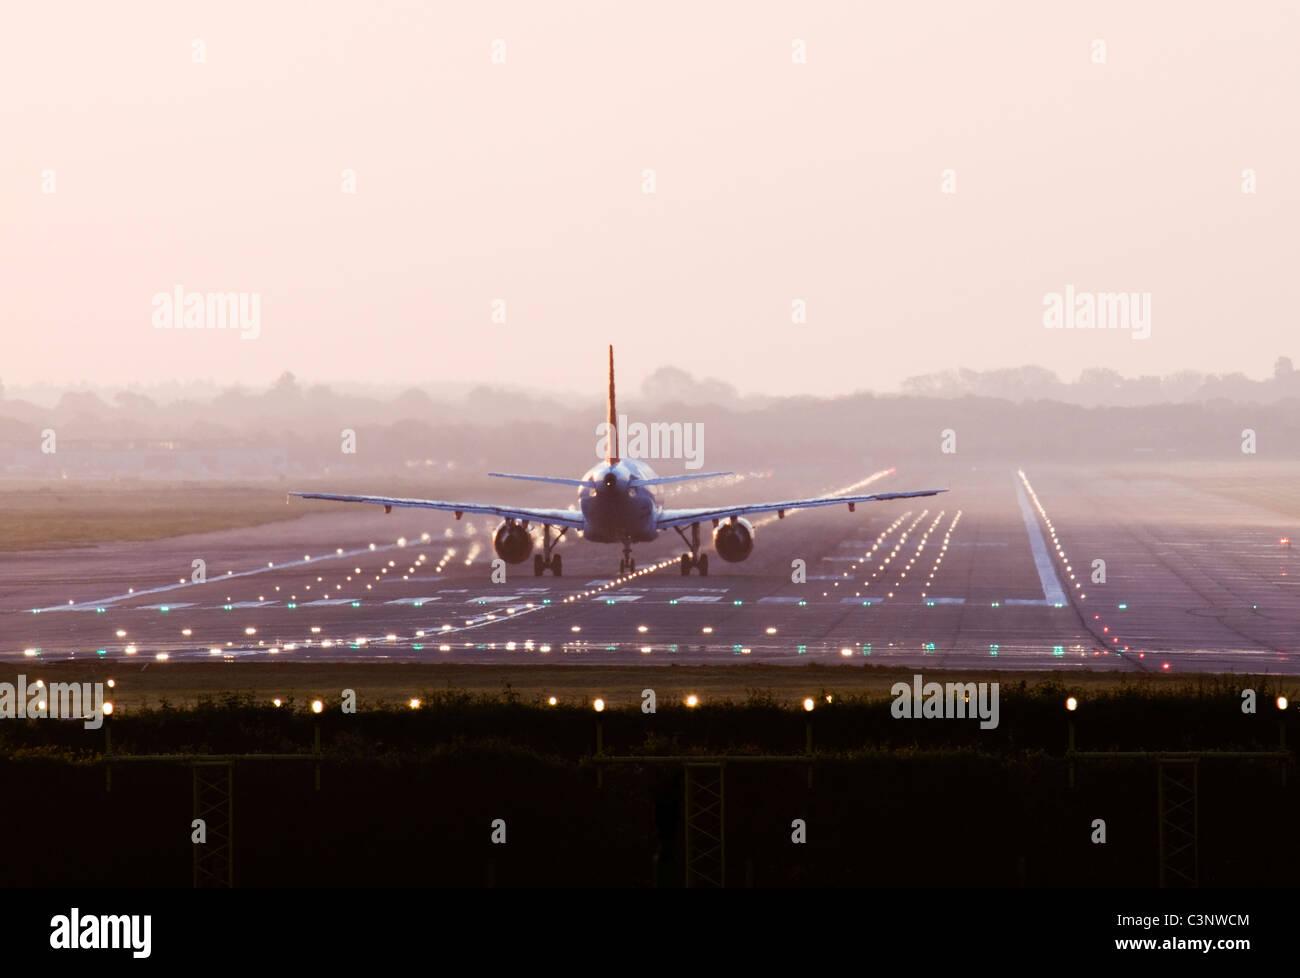 Aeromobile a decollo. Gatwick, Regno Unito. Immagini Stock